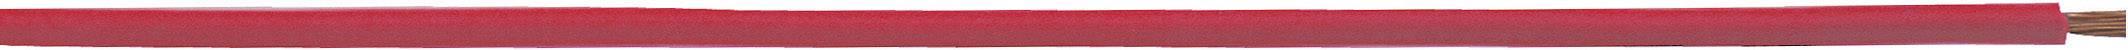 Opletenie / lanko LappKabel 4510121 H05V-K, 1 x 0.50 mm², vonkajší Ø 2.10 mm, 100 m, zelená